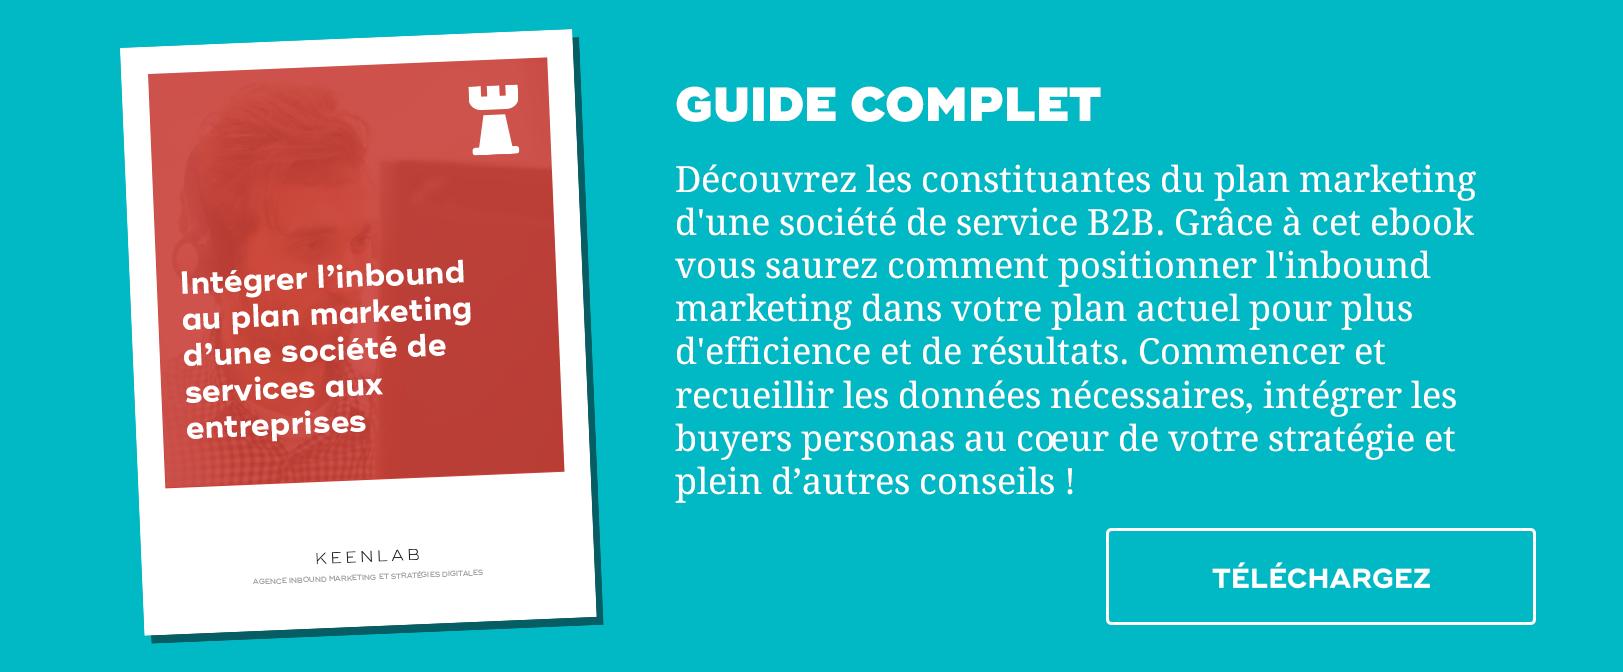 Téléchargez notre guide complet : Intégrer l'inbound au plan marketing d'une société de services aux entreprises